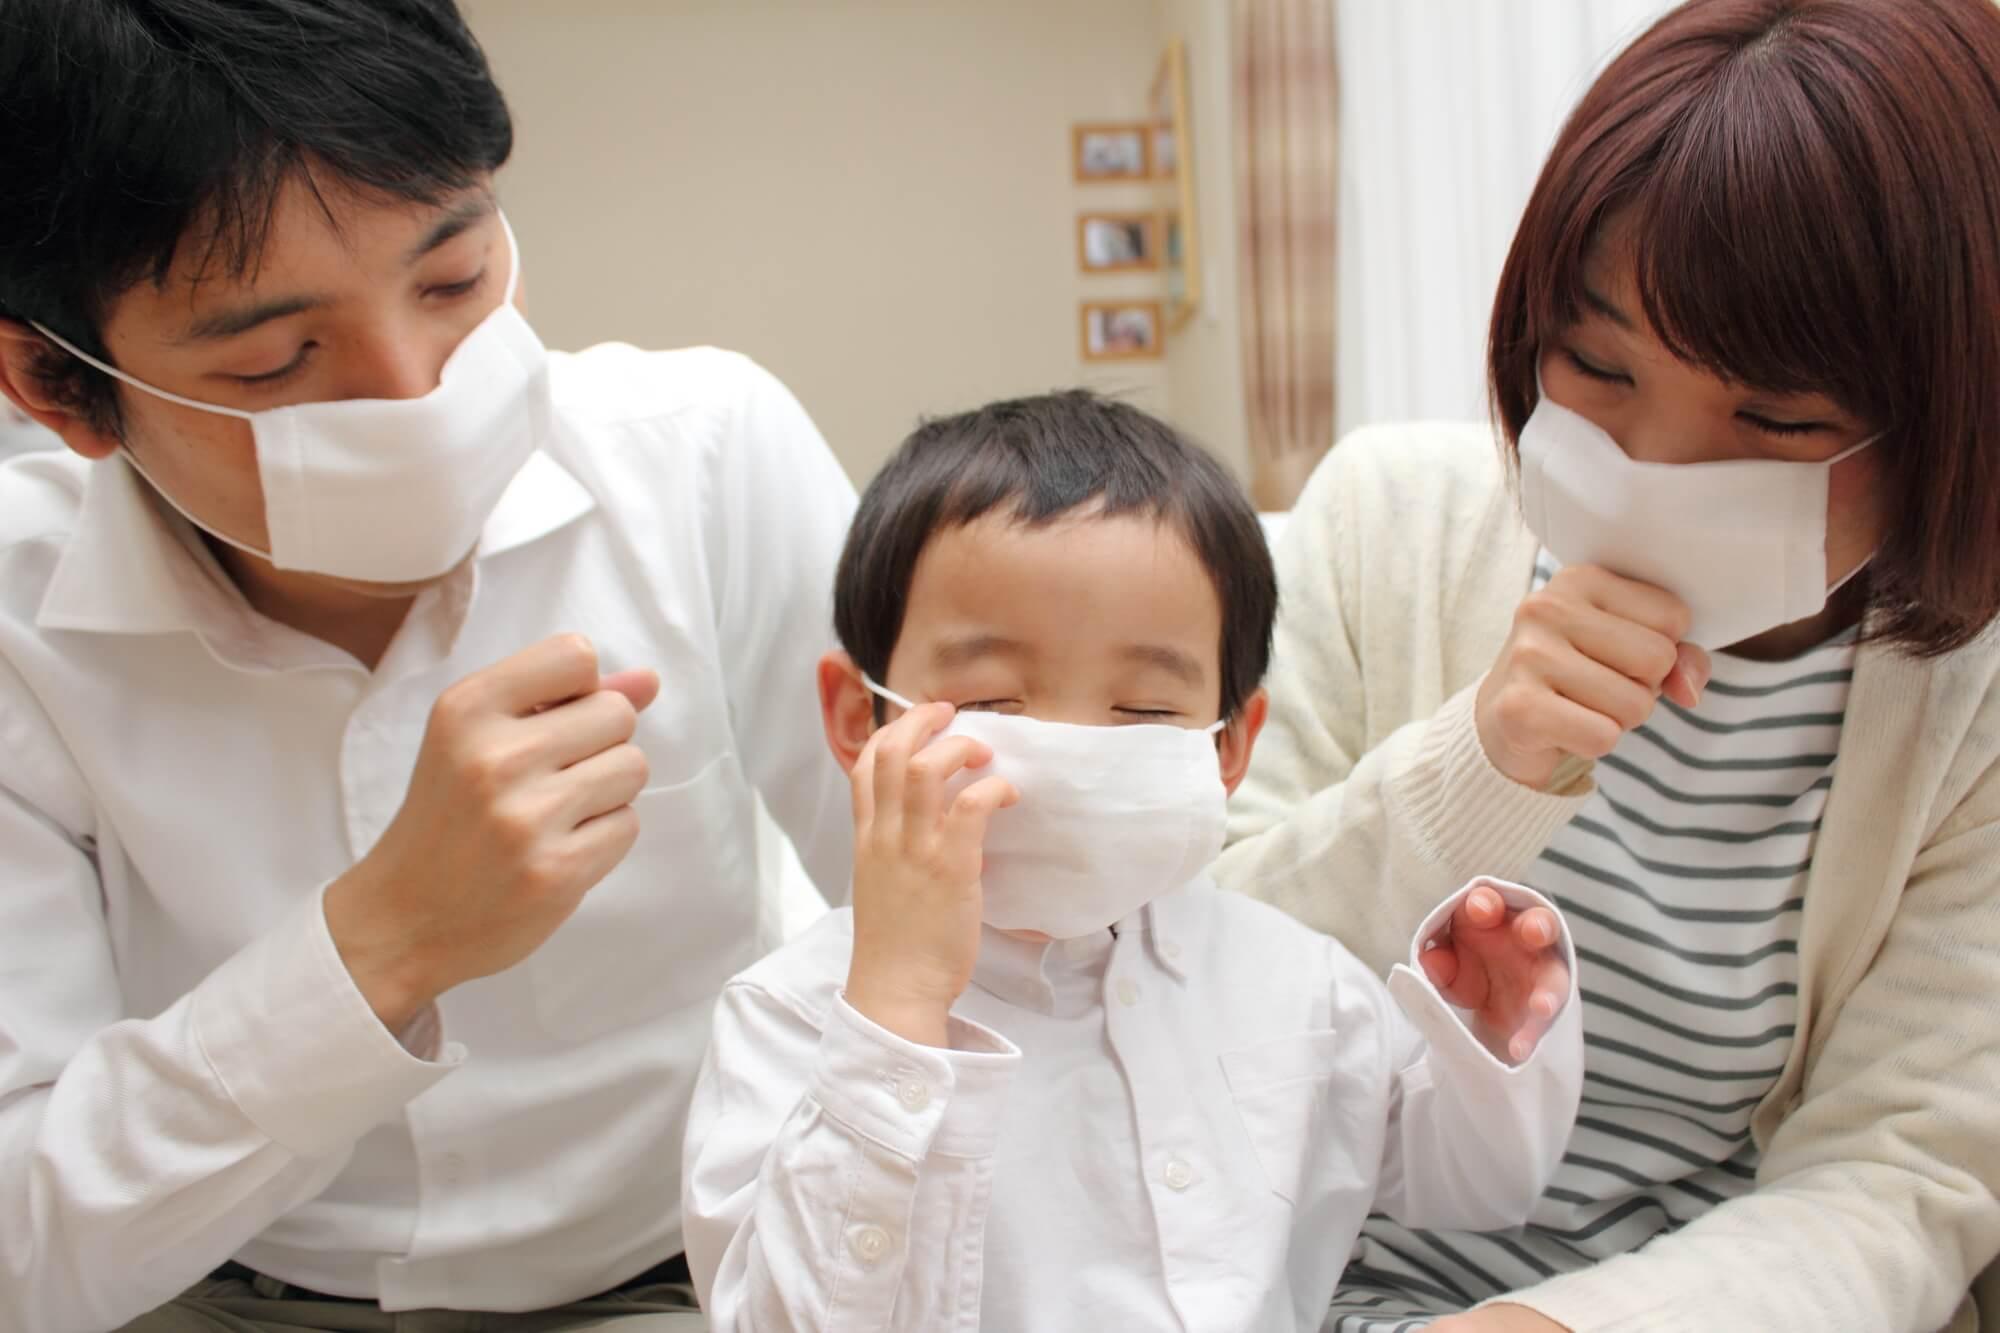 家族がノロウイルスに感染してしまったら?<br>家庭内感染を防ぐ6つのアイテム